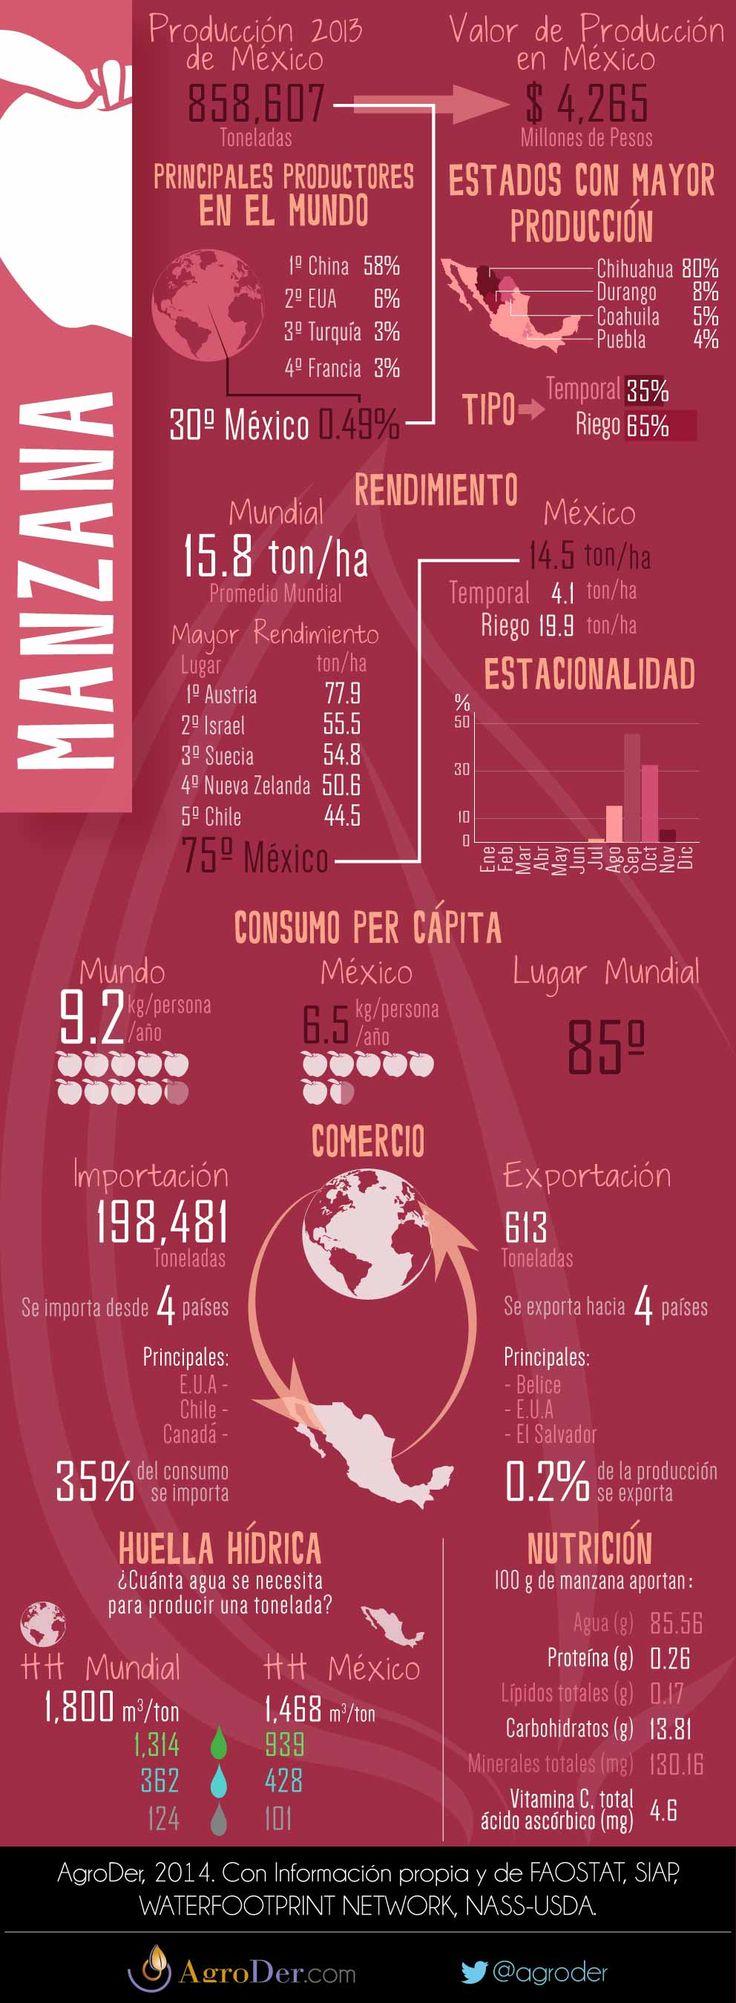 Infografía - Manzana en México, 2013.